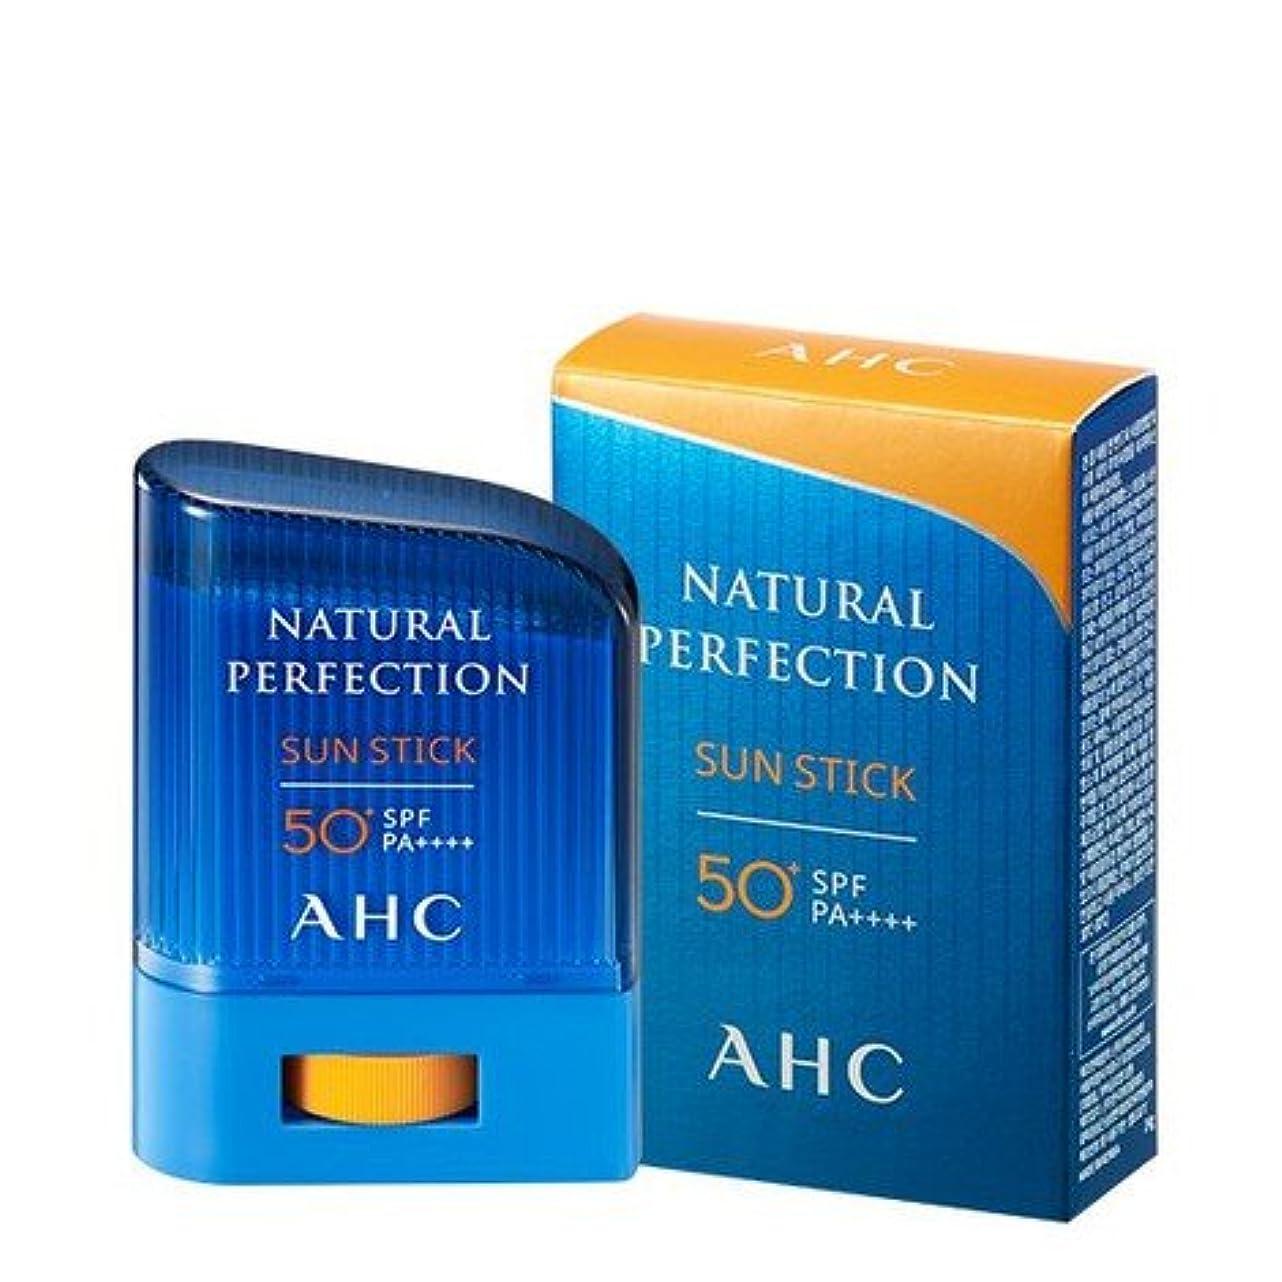 落花生抑制メッセージ[Renewal 最新] AHCナチュラルパーフェクション線スティック / AHC NATURAL PERFECTION SUN STICK [SPF 50+ / PA ++++] [並行輸入品] (14g)